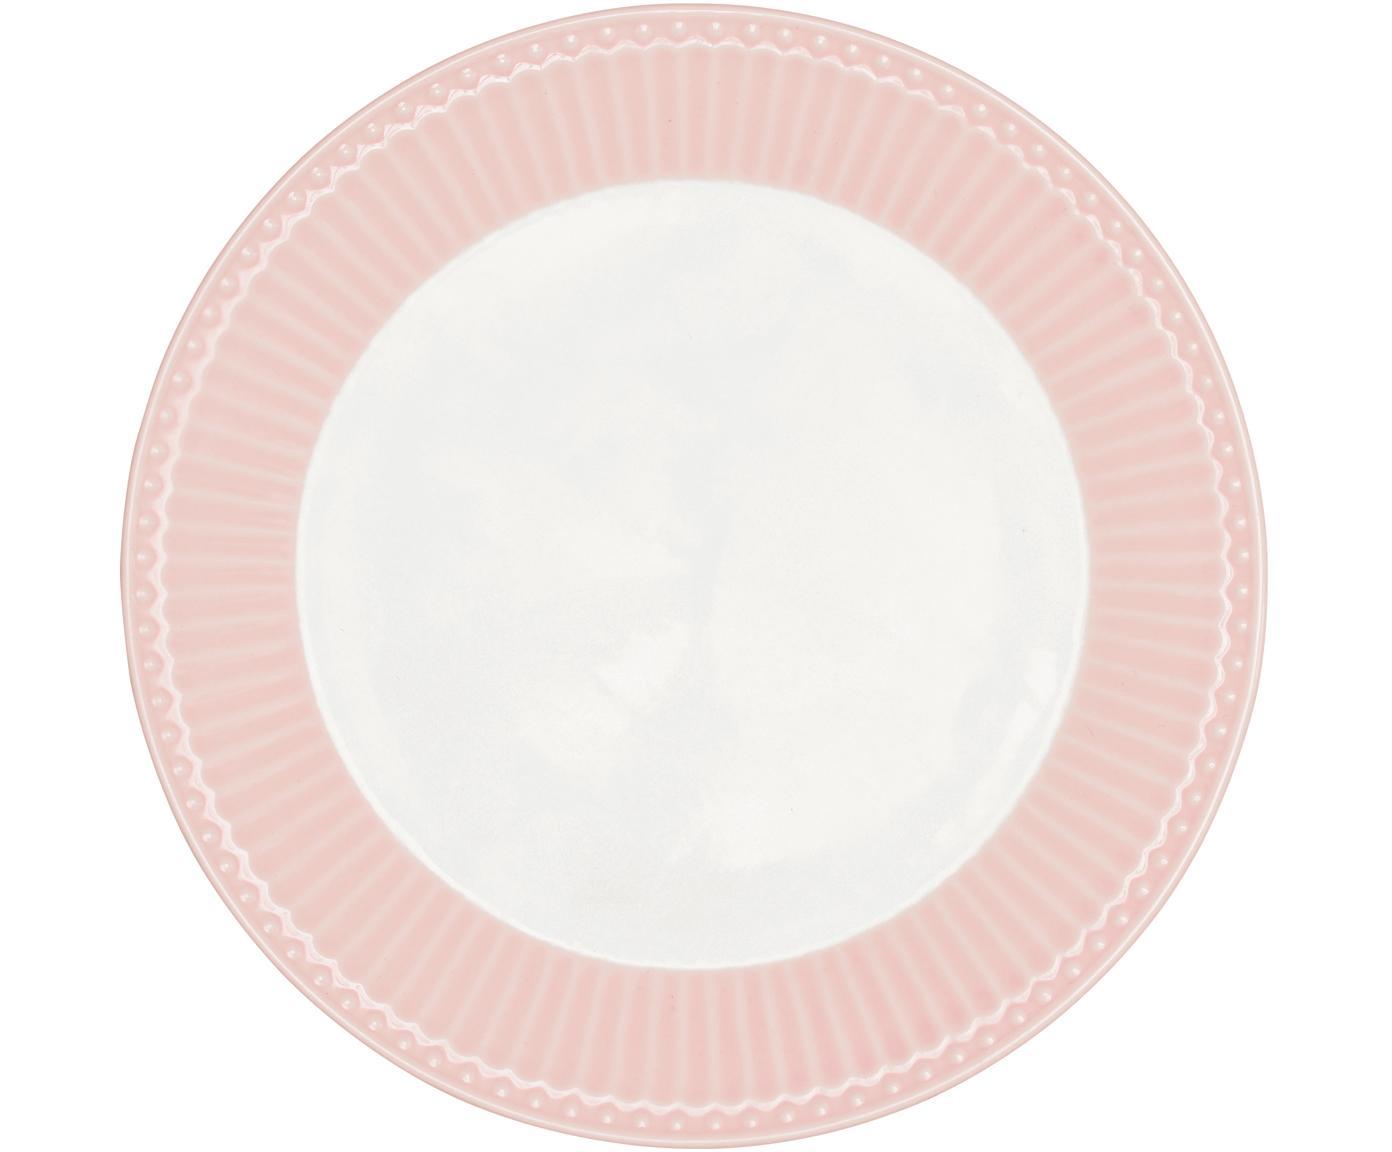 Talerz śniadaniowy Alice, 2 szt., Porcelana, Blady różowy, biały, Ø 23 cm